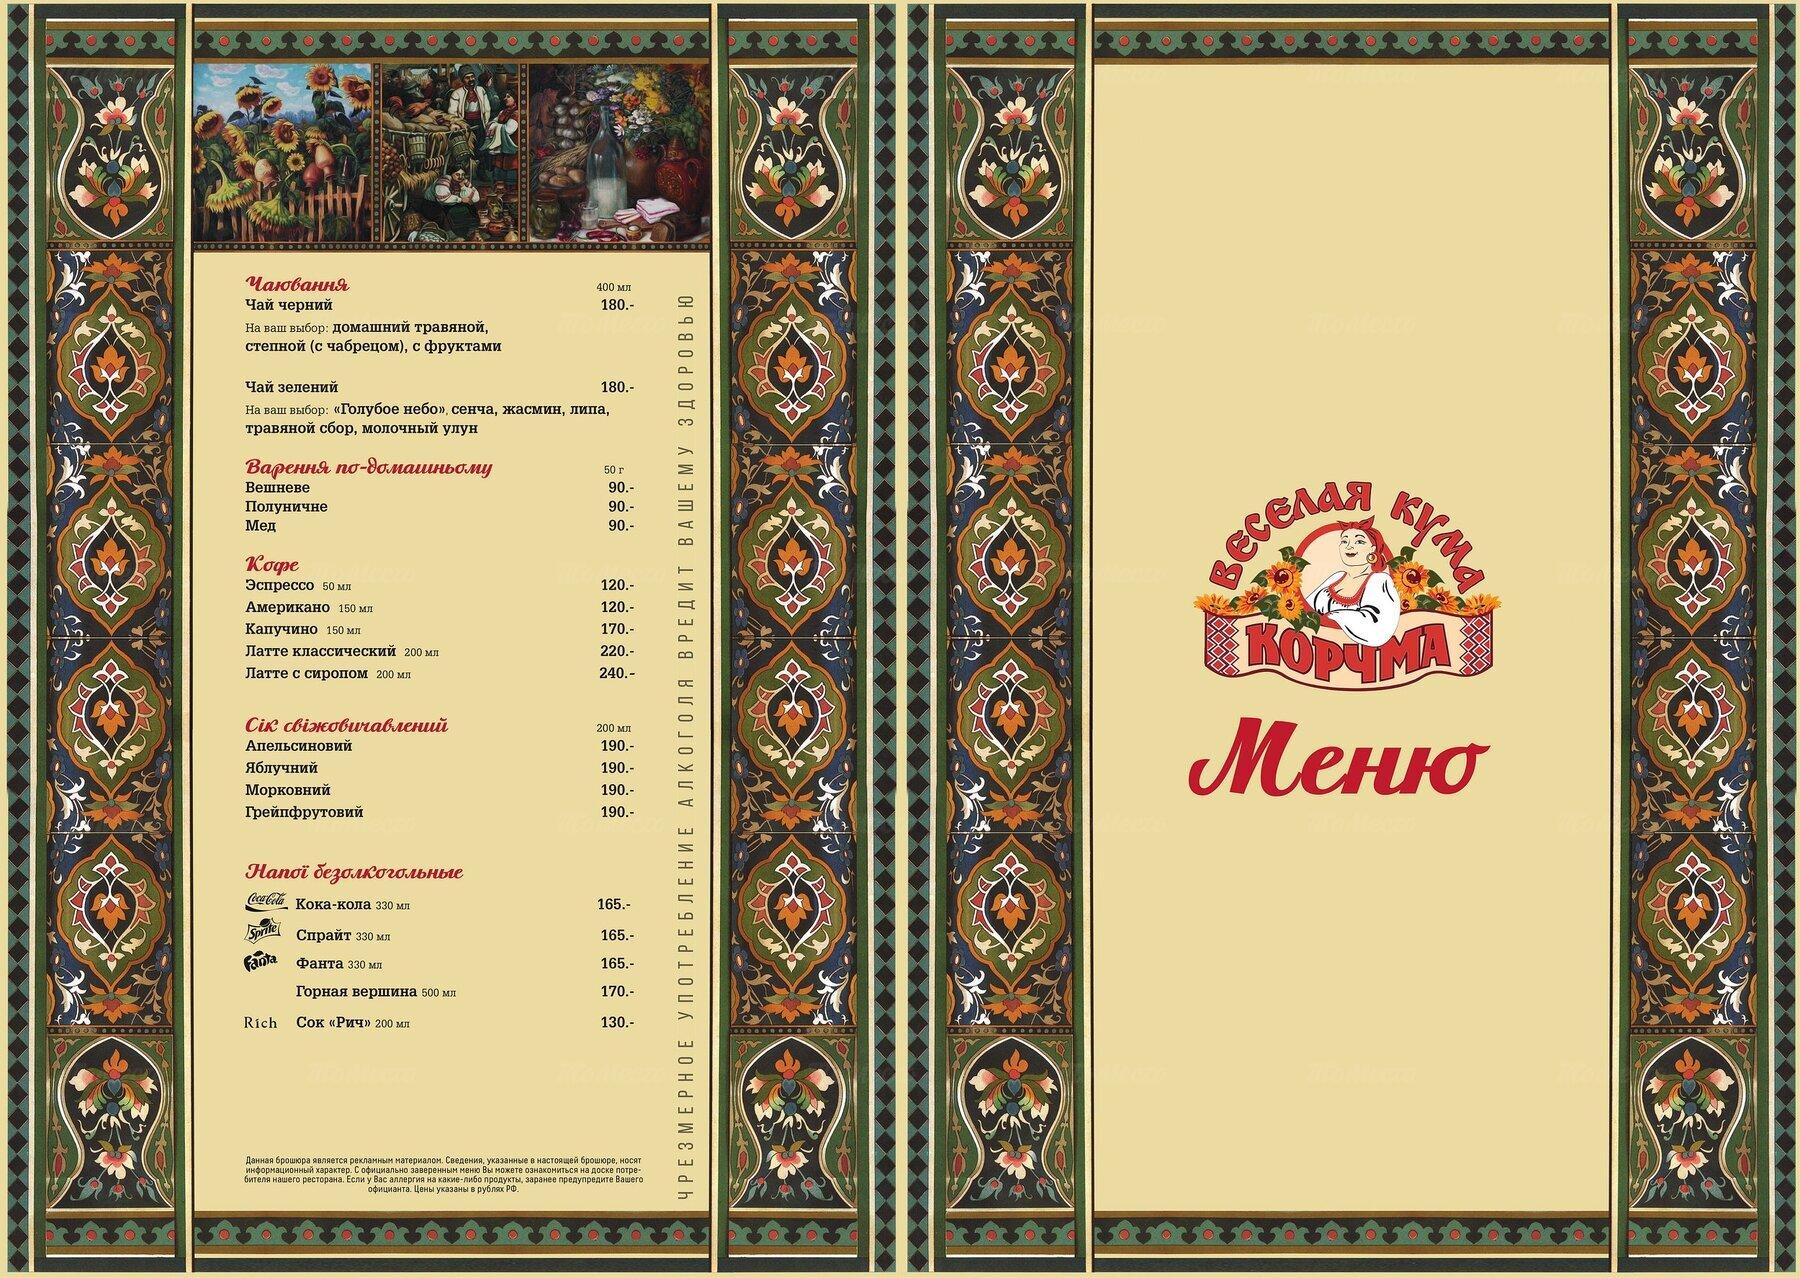 Меню ресторана Веселая кума на улице Костиной фото 2